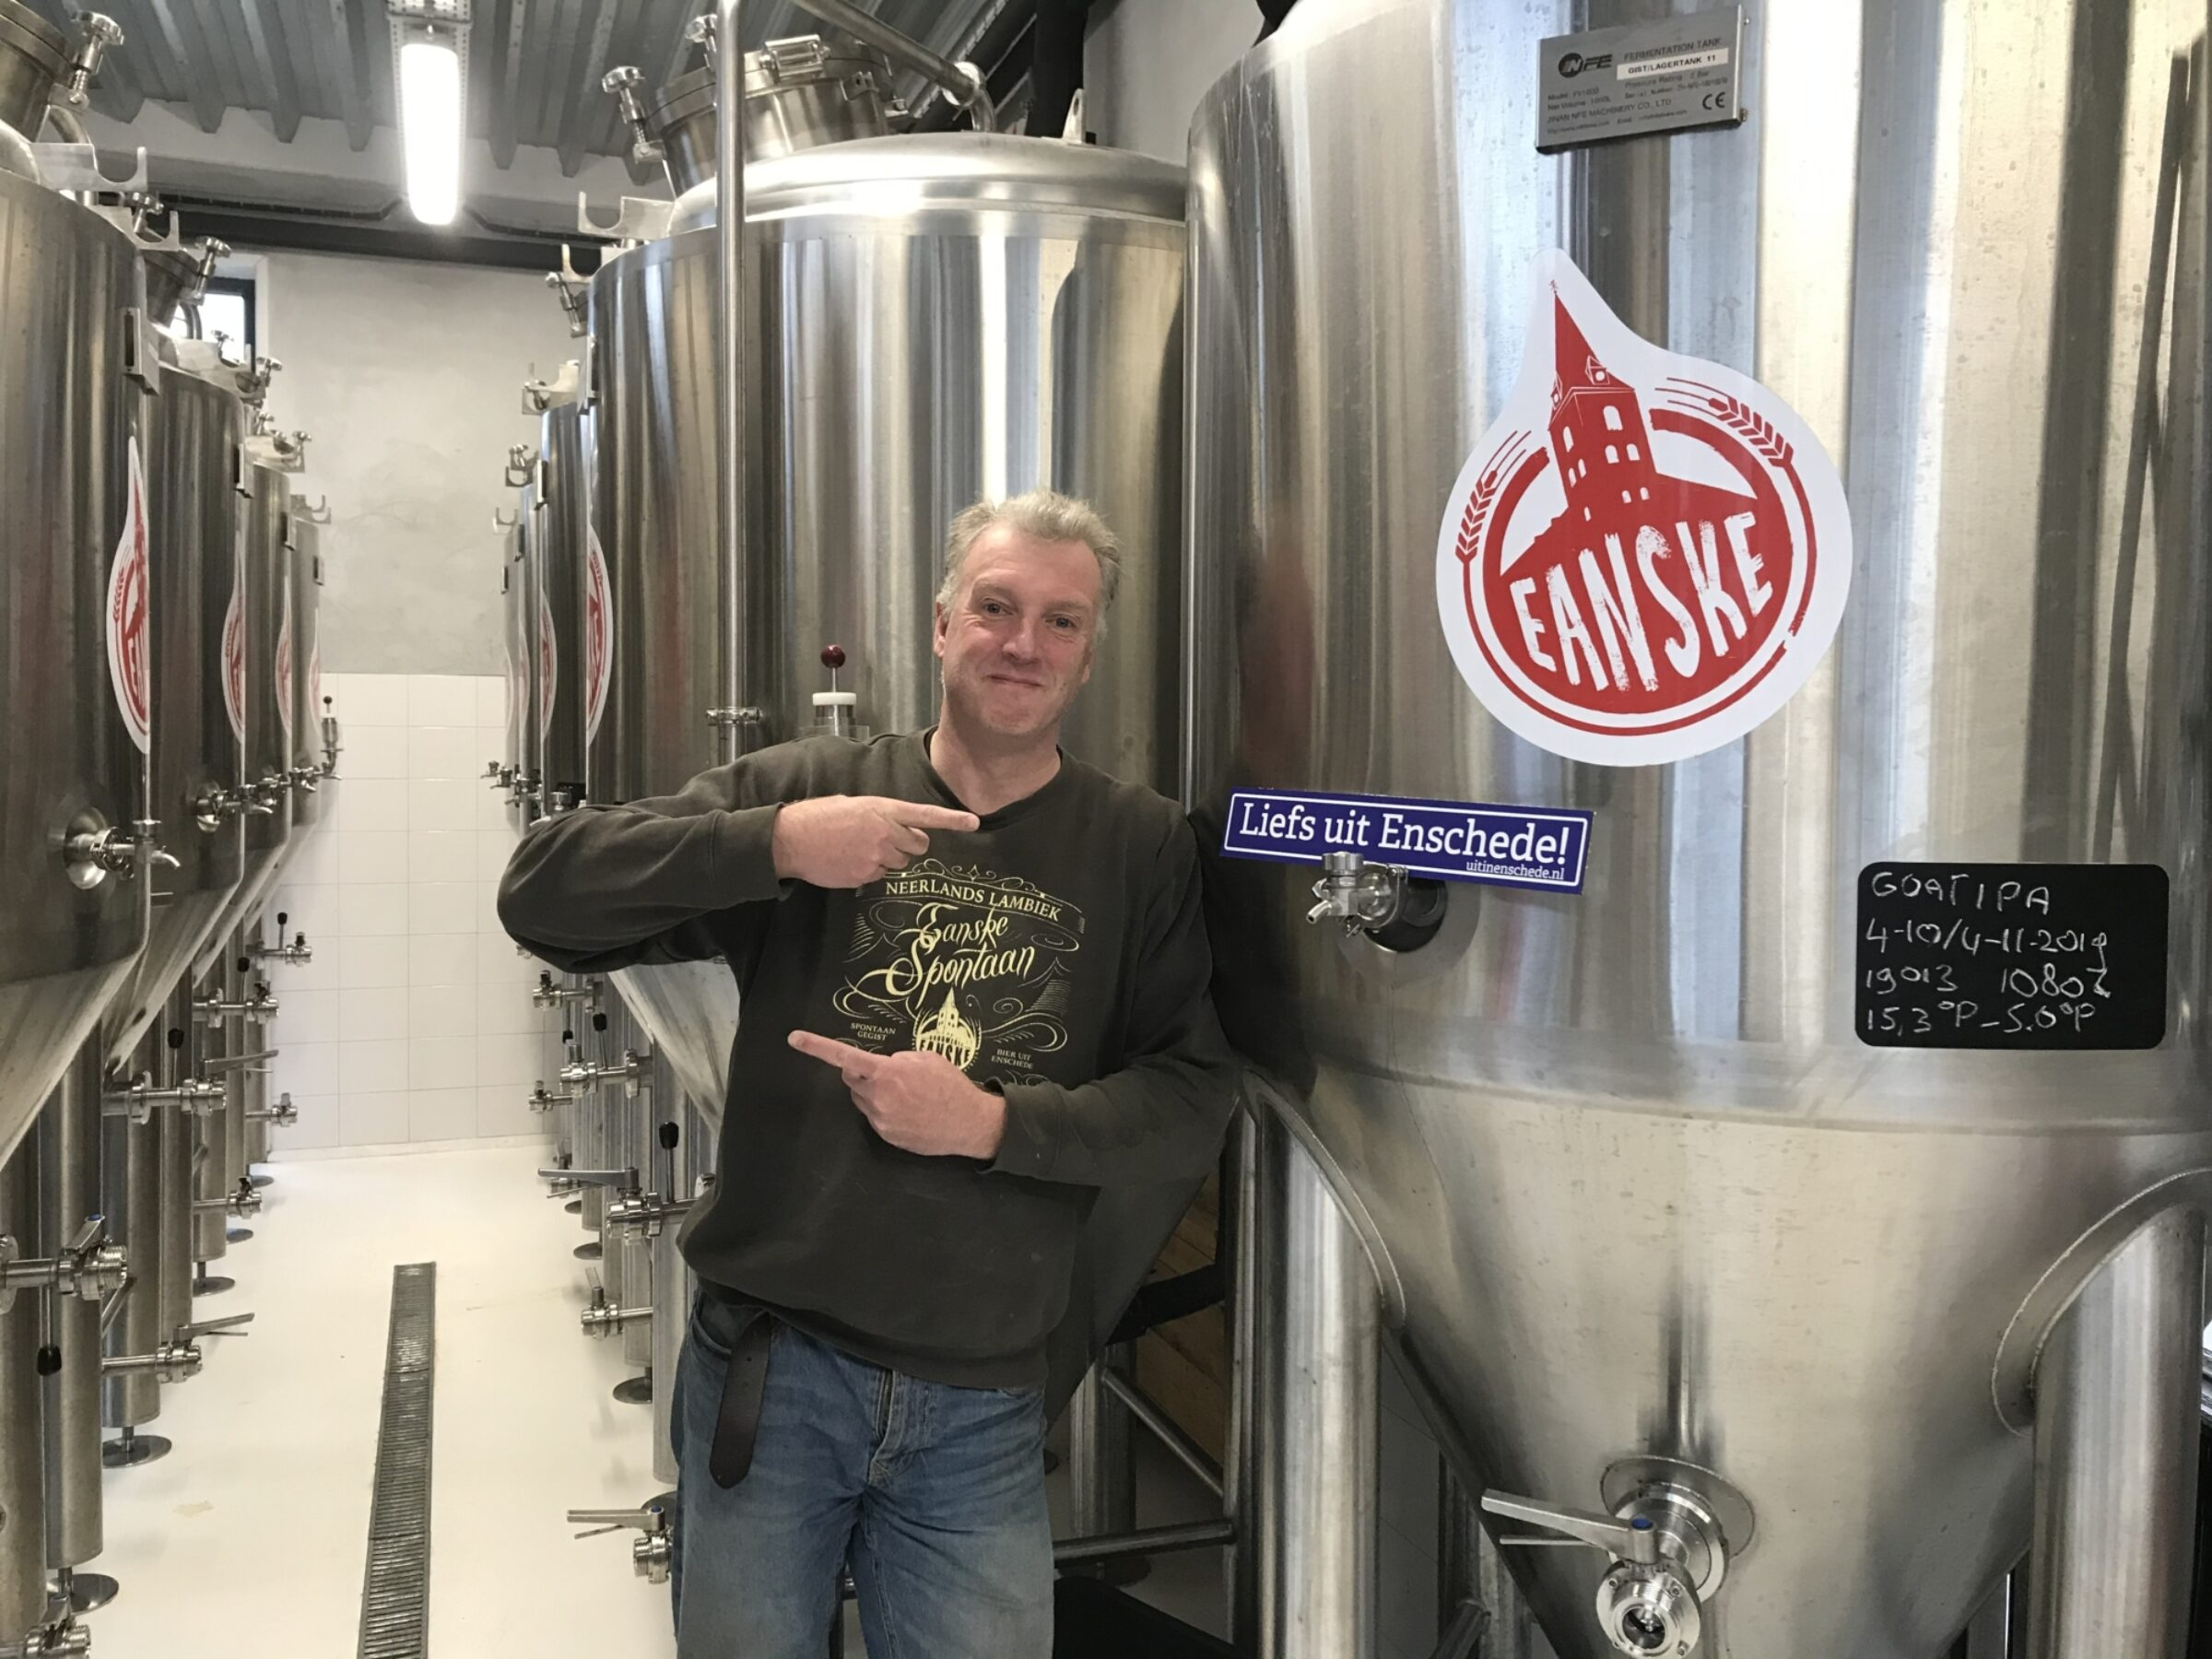 2019 Liefs Uit Enschede Brouwerij Eanske